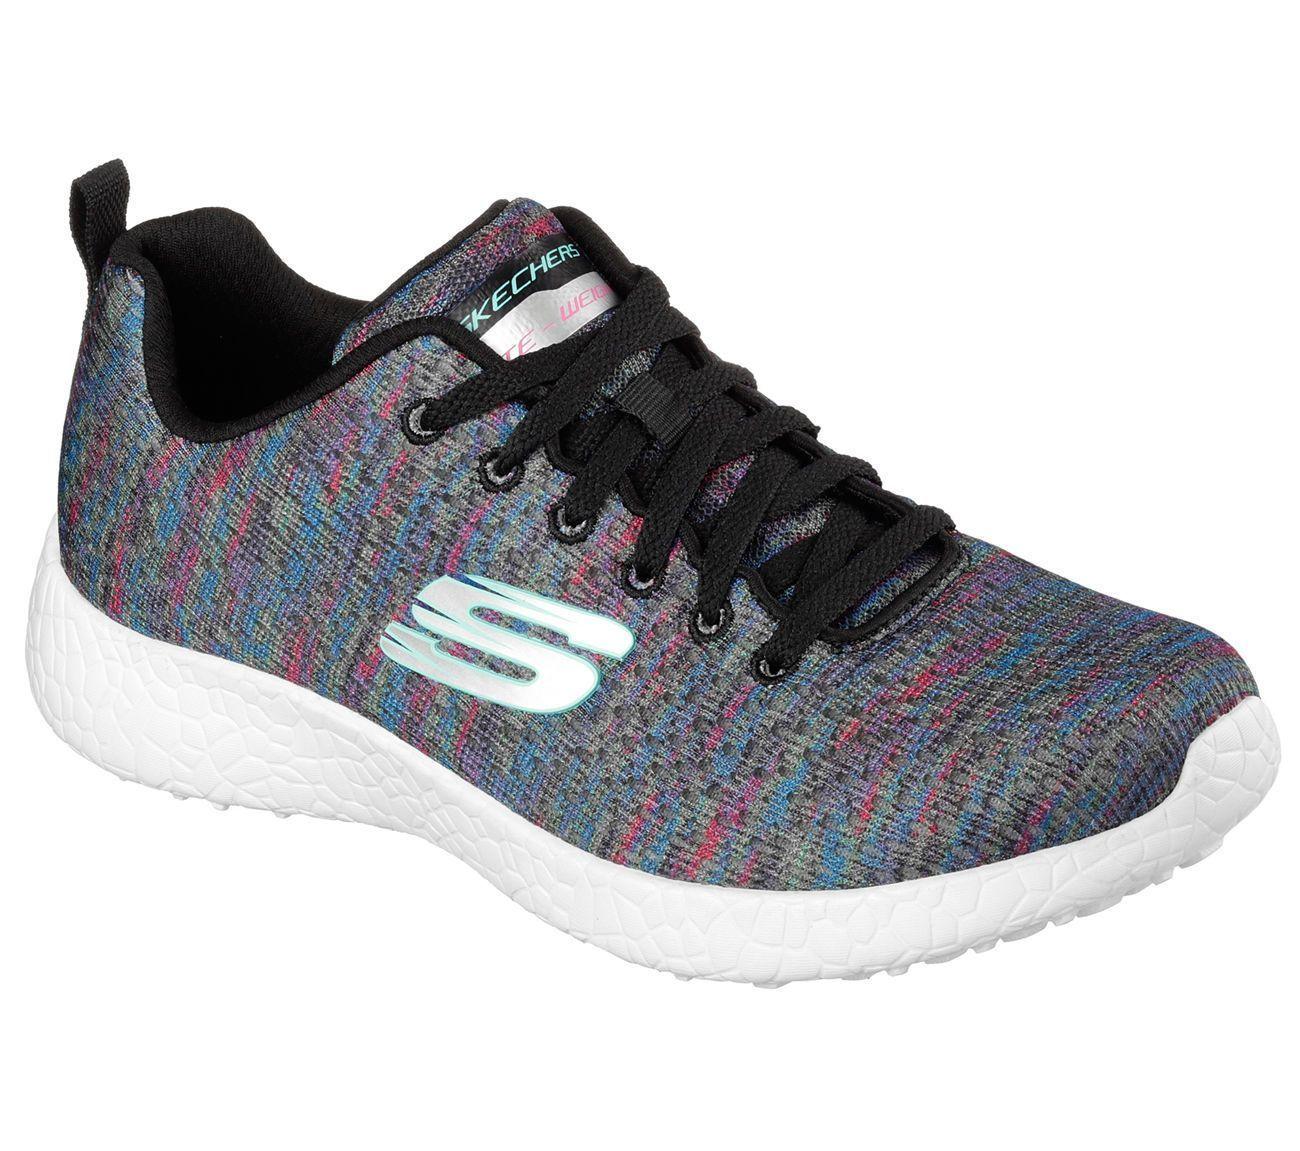 0dff6580e4c8 Skechers 12740 Bkmt Women S Burst- Influence Sneaker